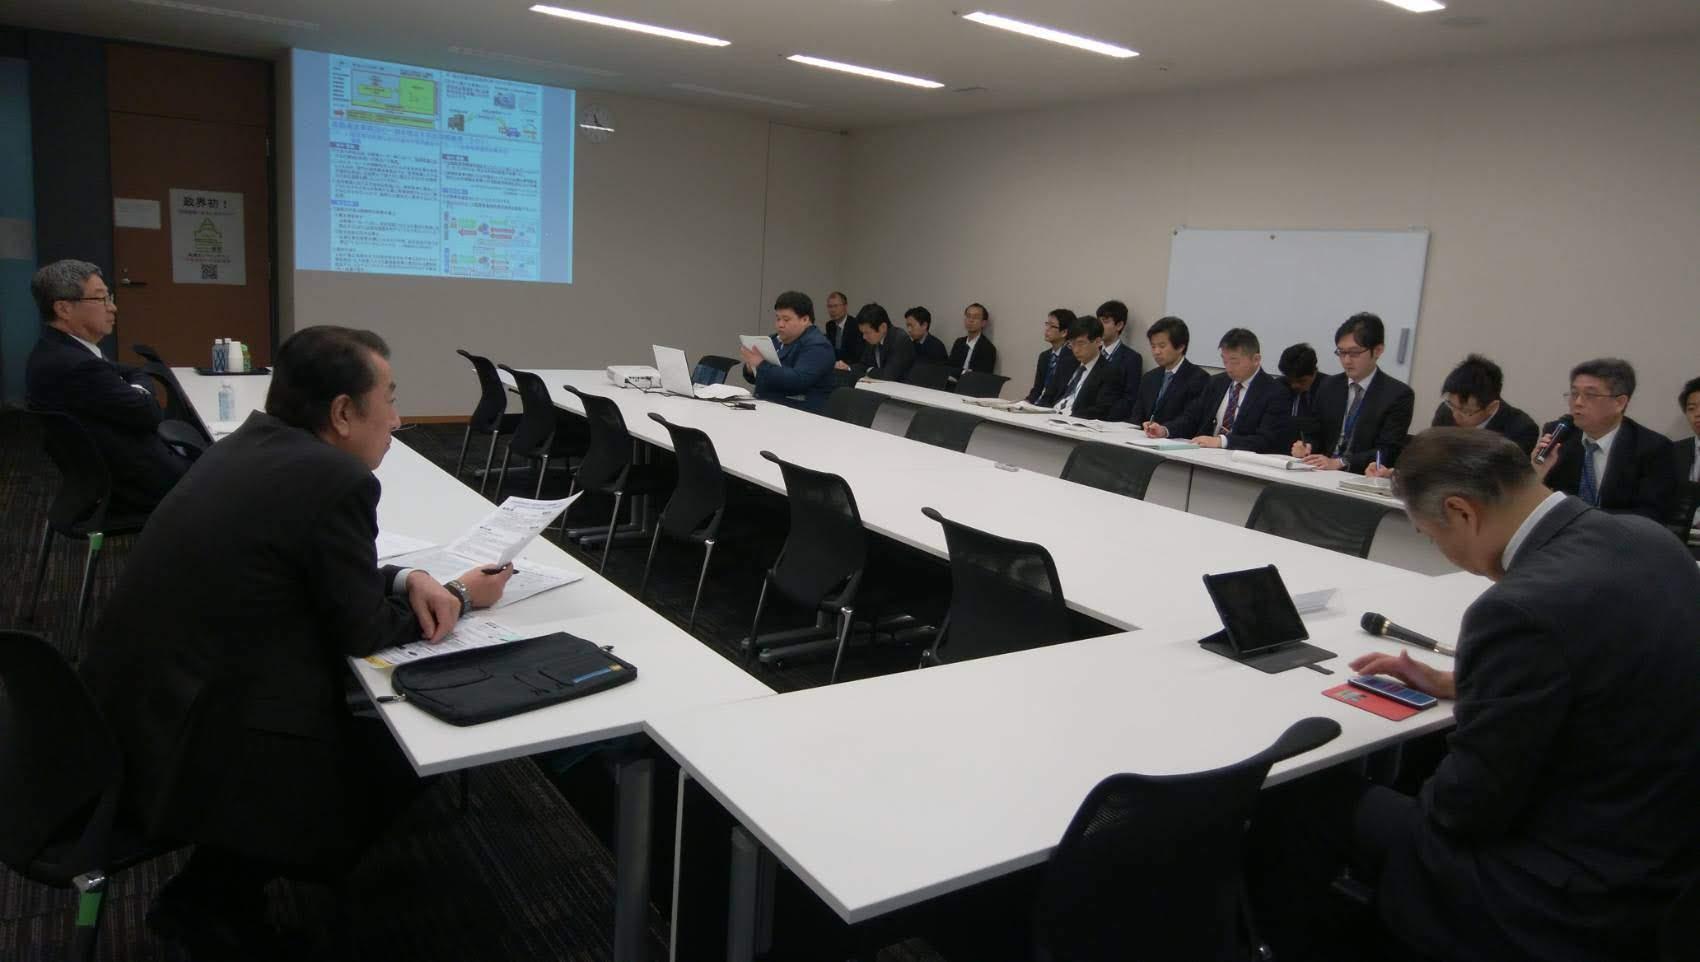 2019年4月24日(水)日本維新の会政務調査会 国土交通並びに倫理選挙部会ヒアリング開催のお知らせ